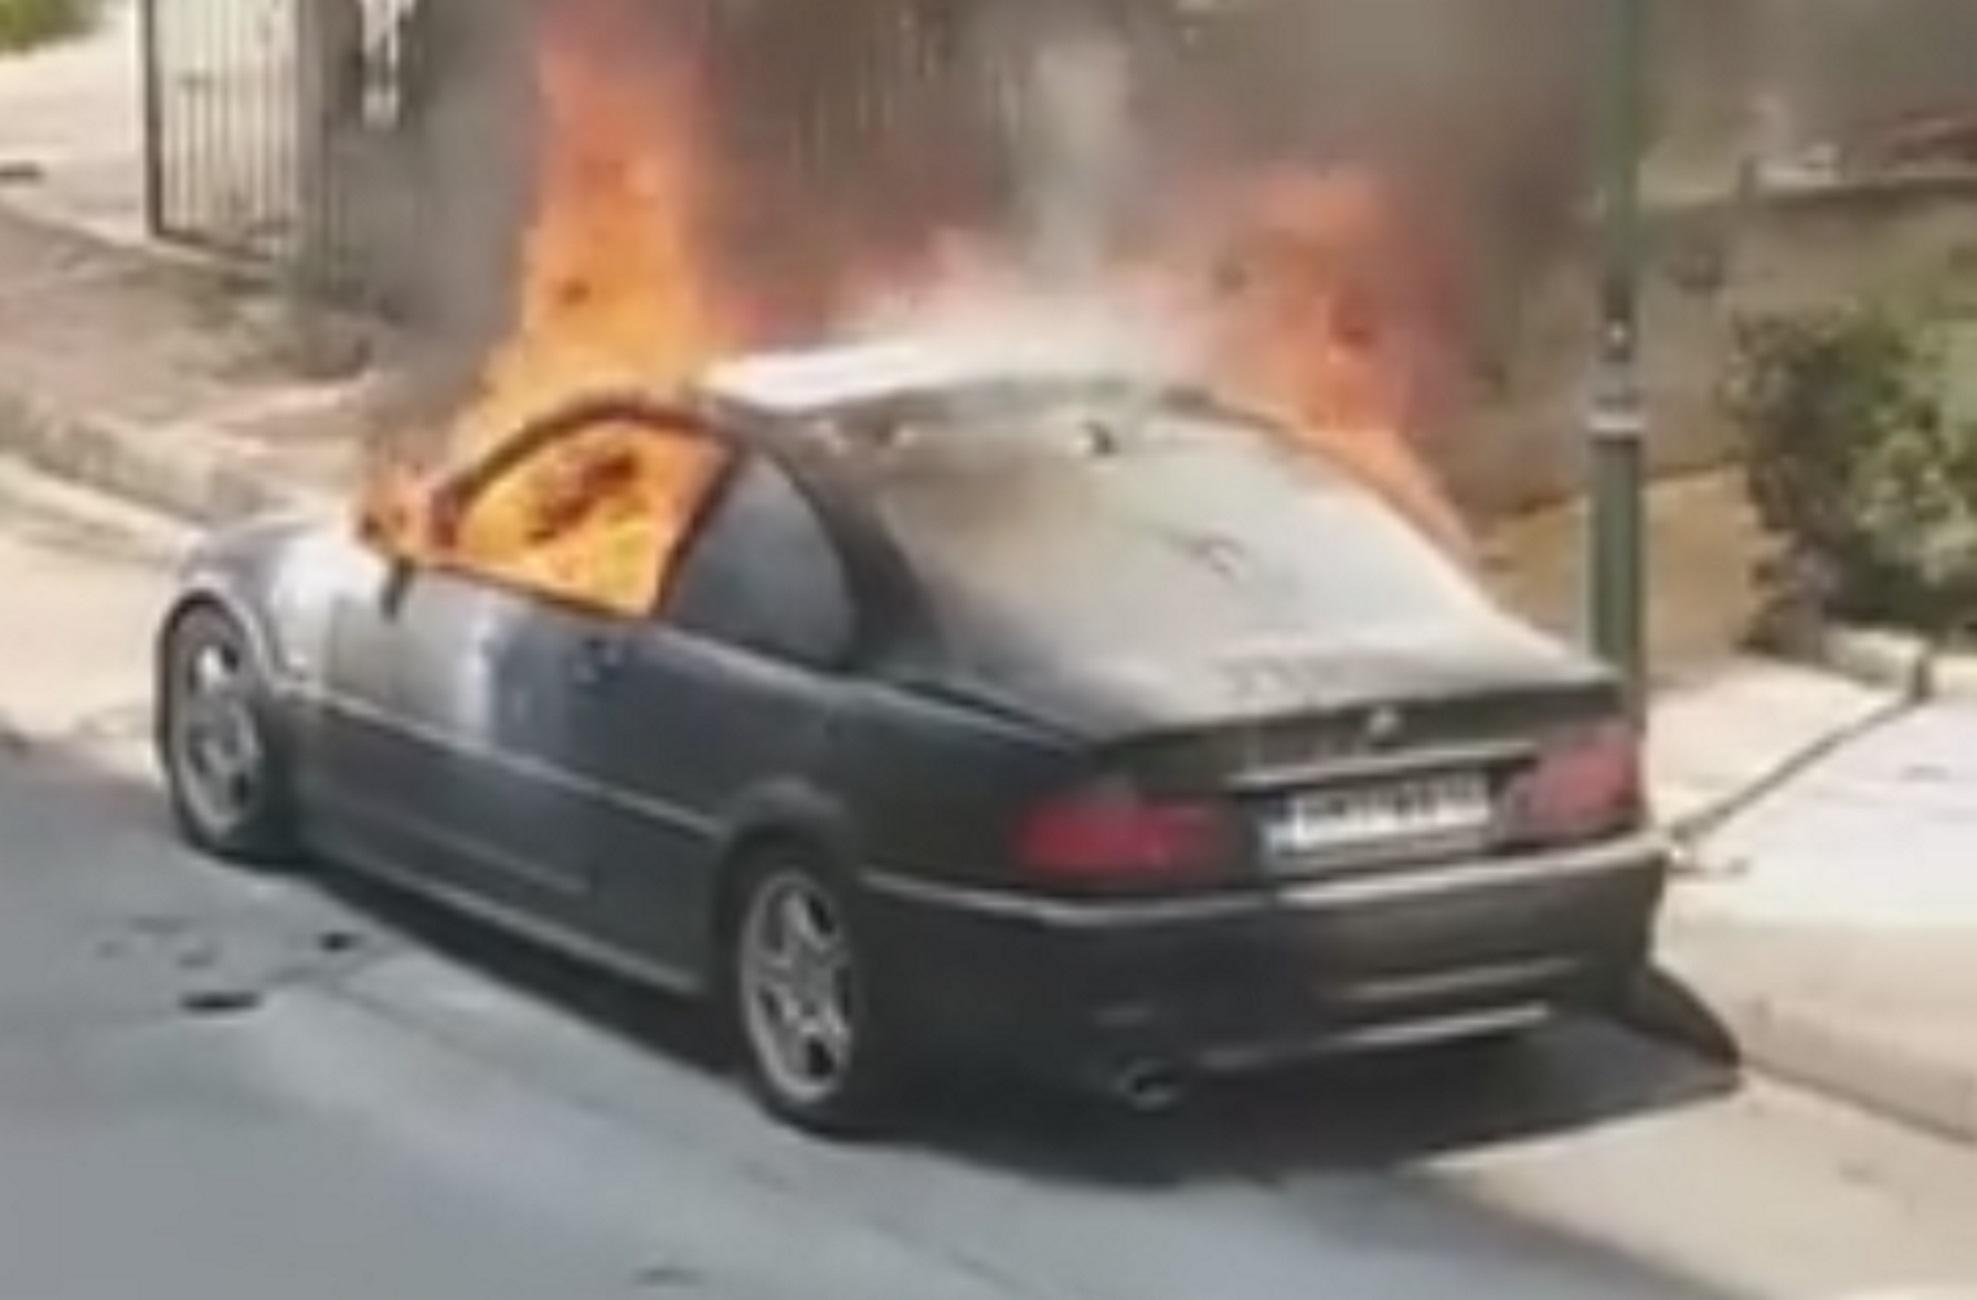 Θεσσαλονίκη: Η στιγμή που αυτοκίνητο τυλίγεται στις φλόγες – «Κομφούζιο» στην Περιφερειακή